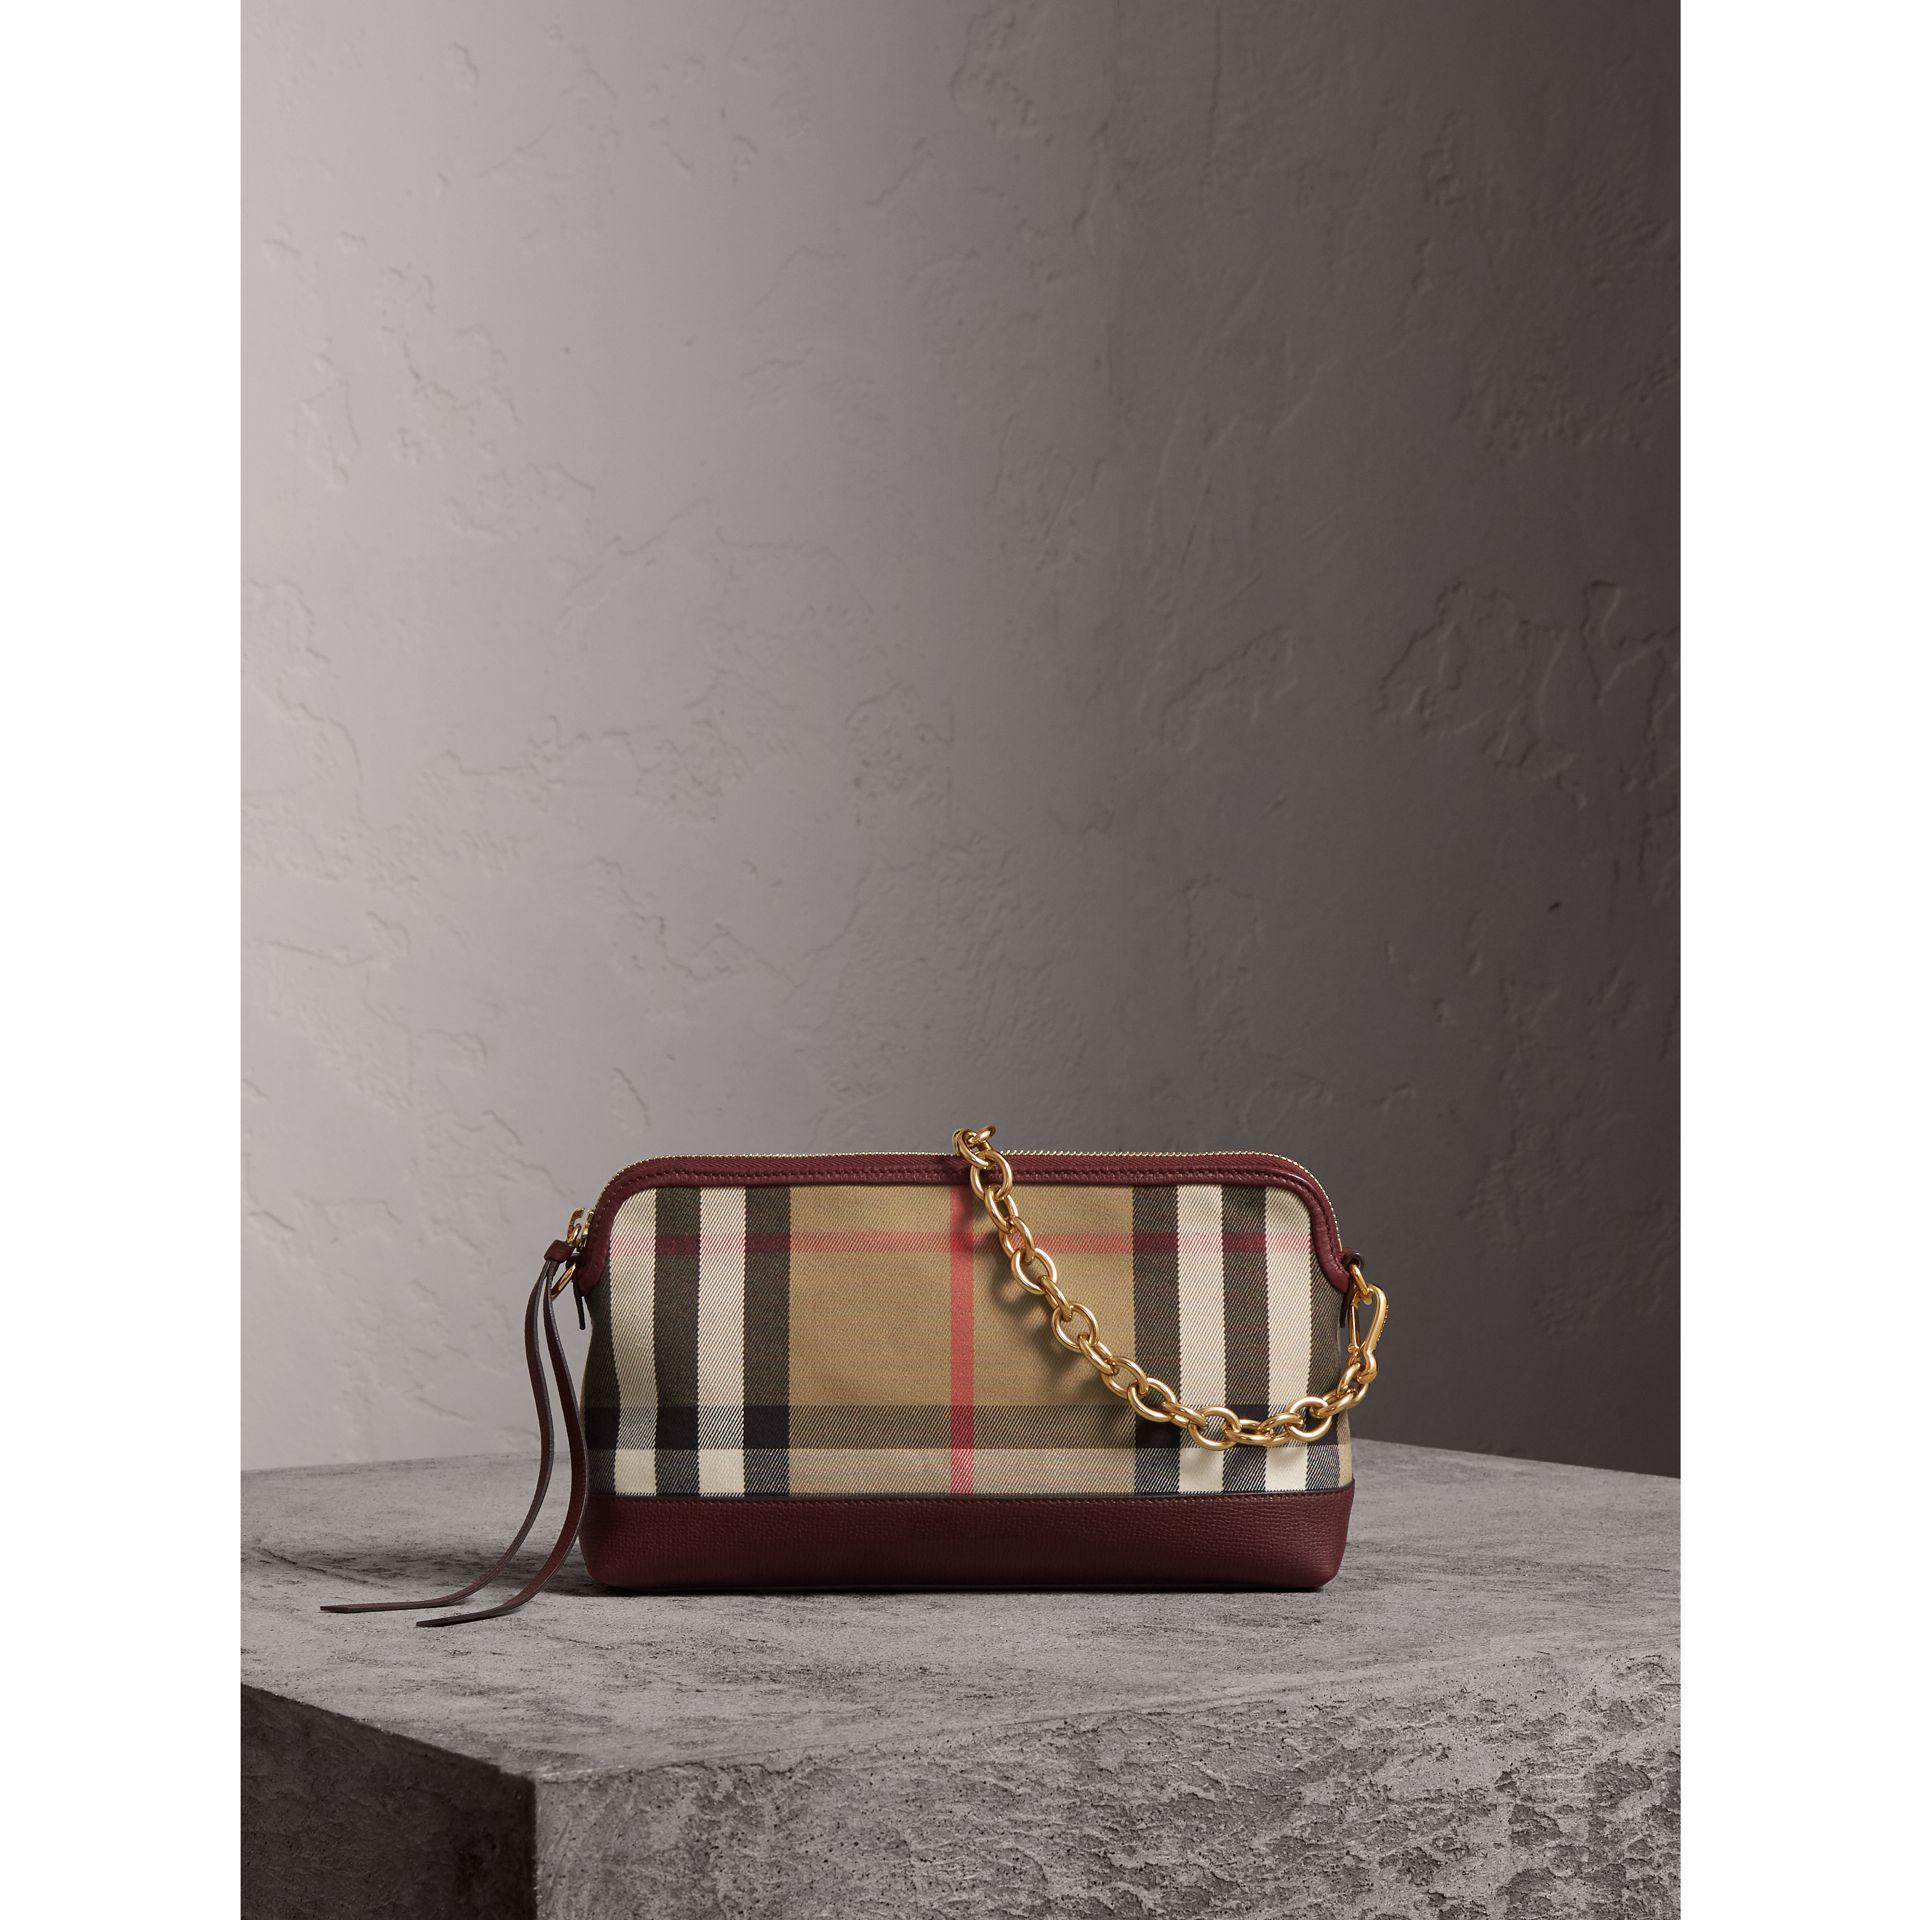 Burberry Clutch Handbag Women - Lyst 8a56a5b959d1c